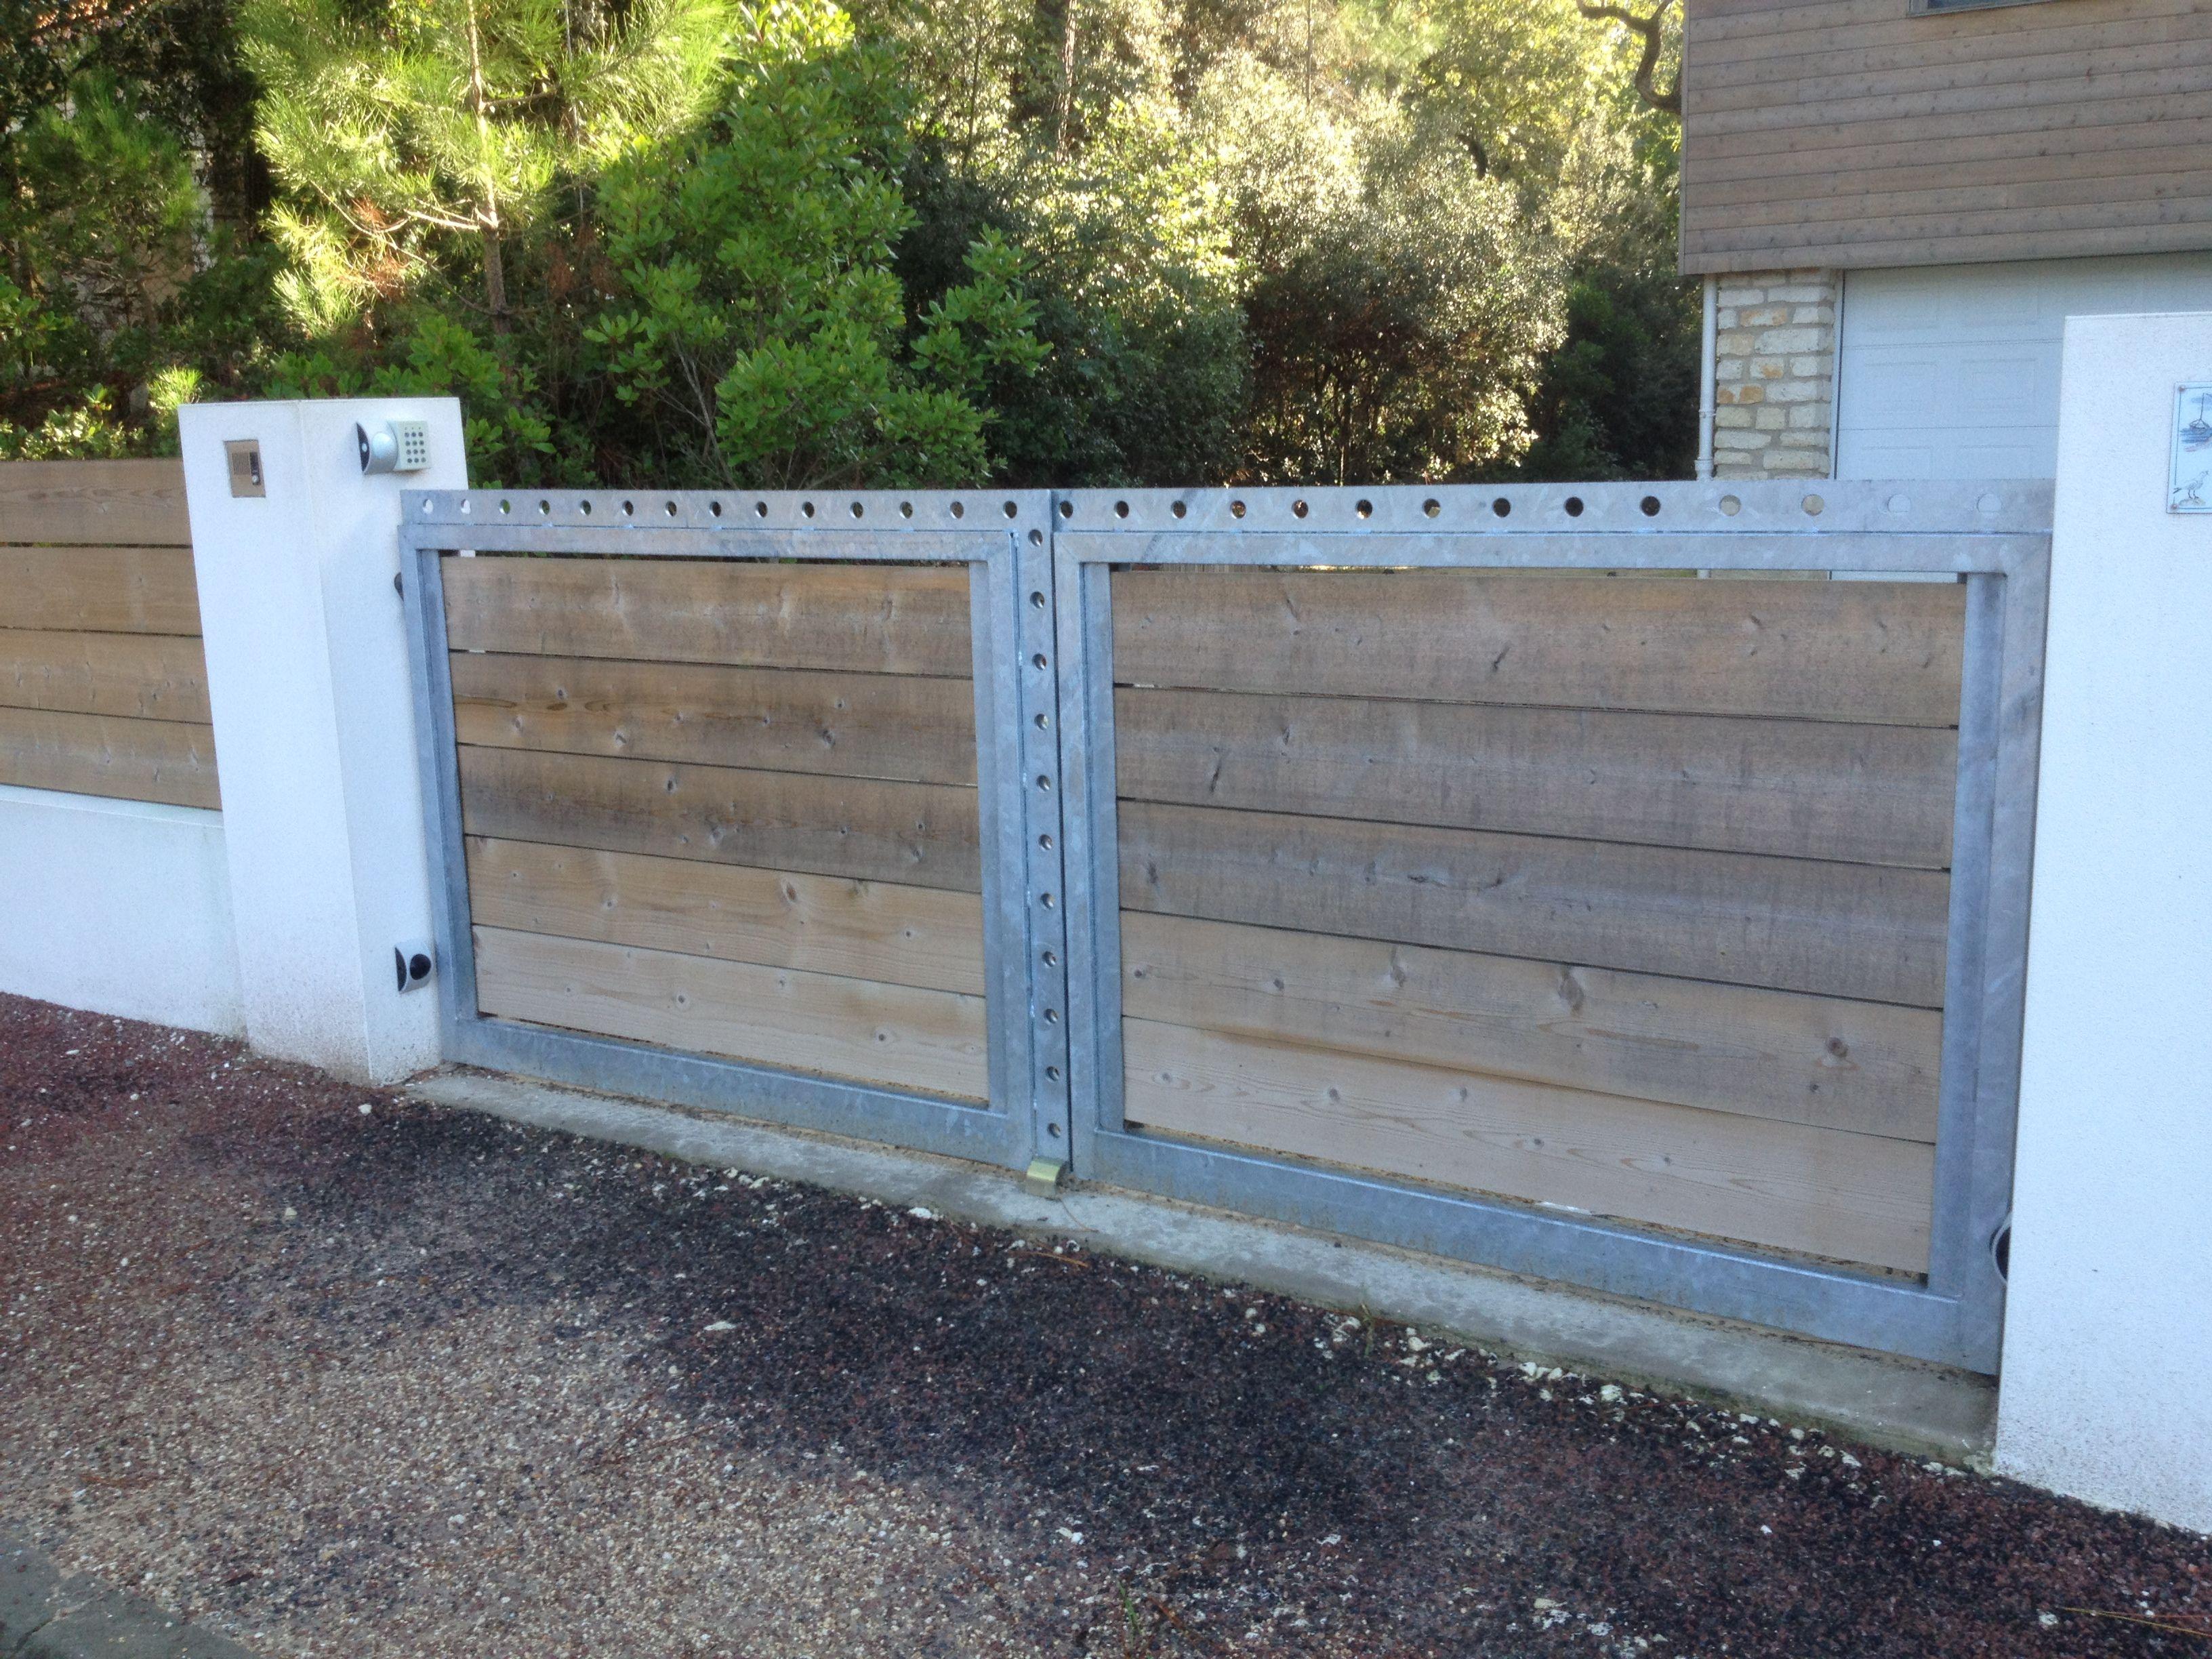 Magnifique Portail acier galvanisé portail bois plein | Fermepaulianne #DA_38